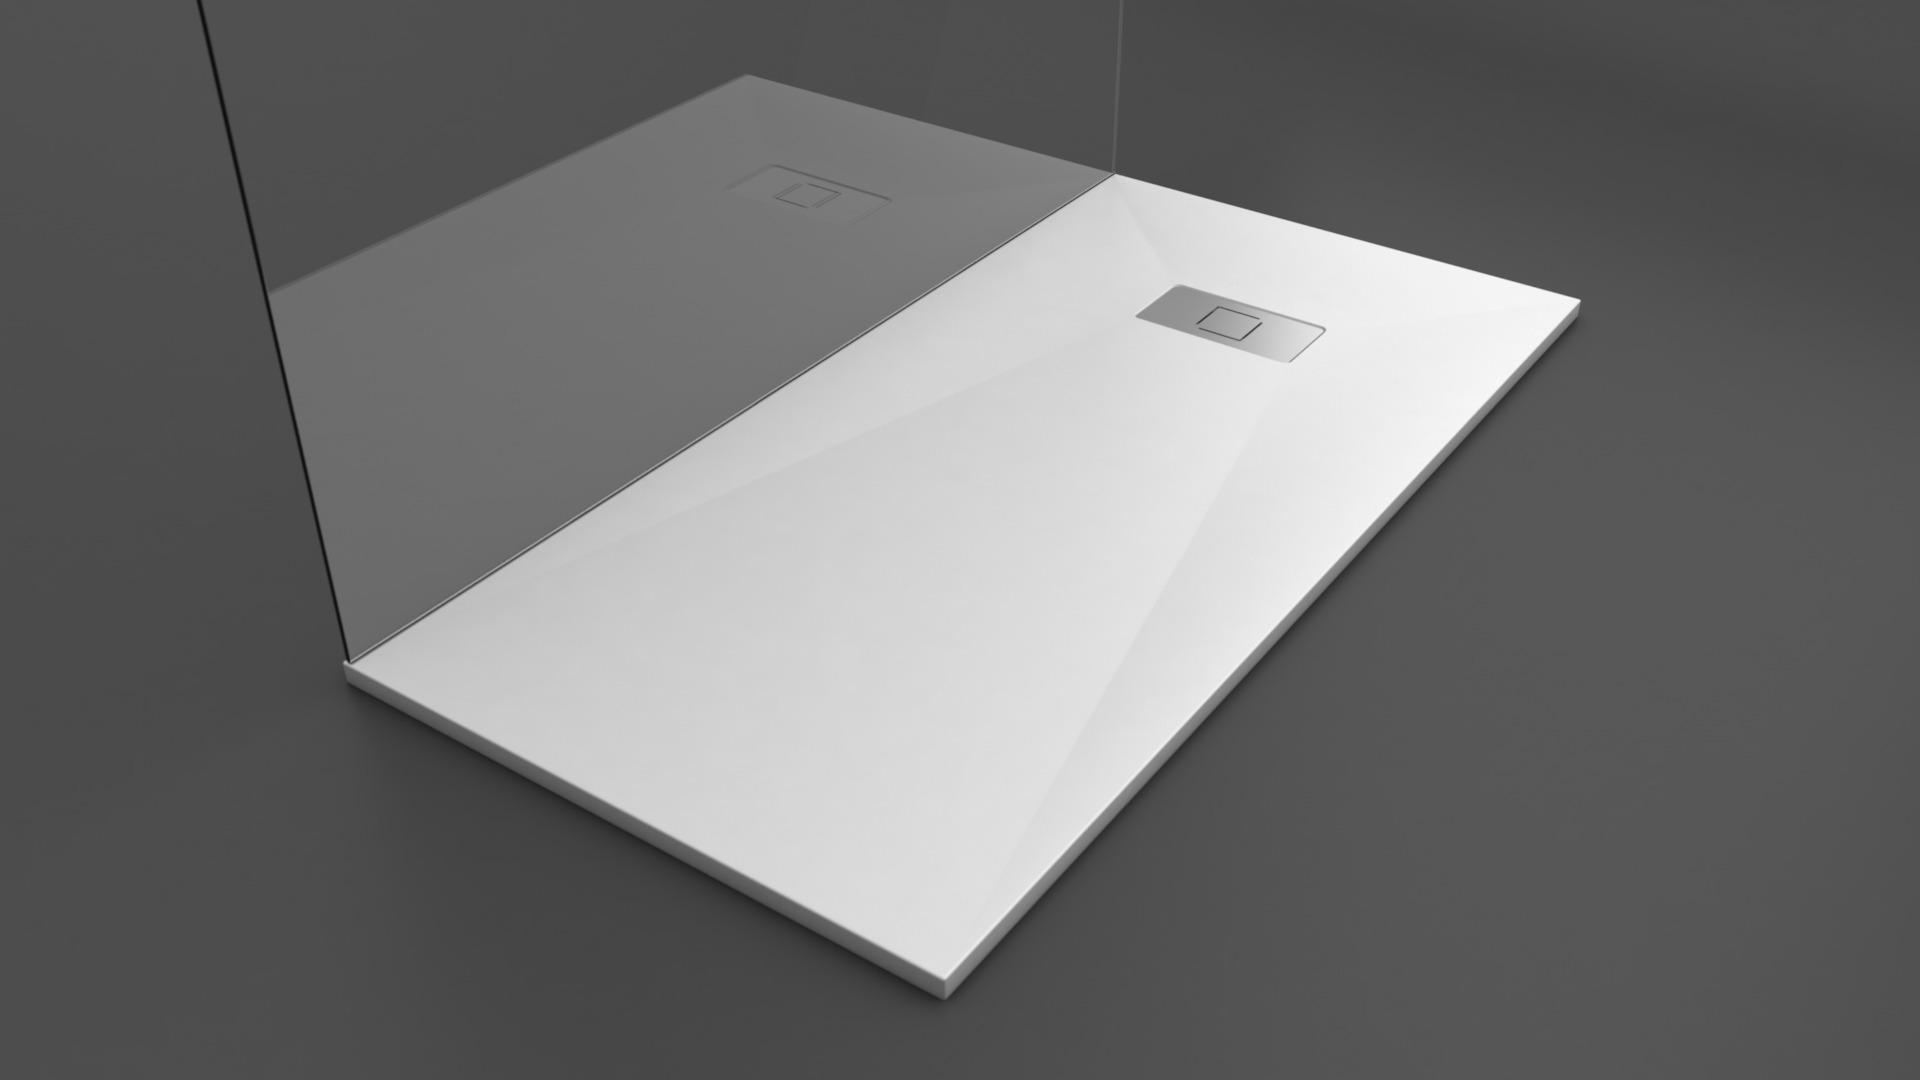 Texence Double Square - Plato de ducha blanco